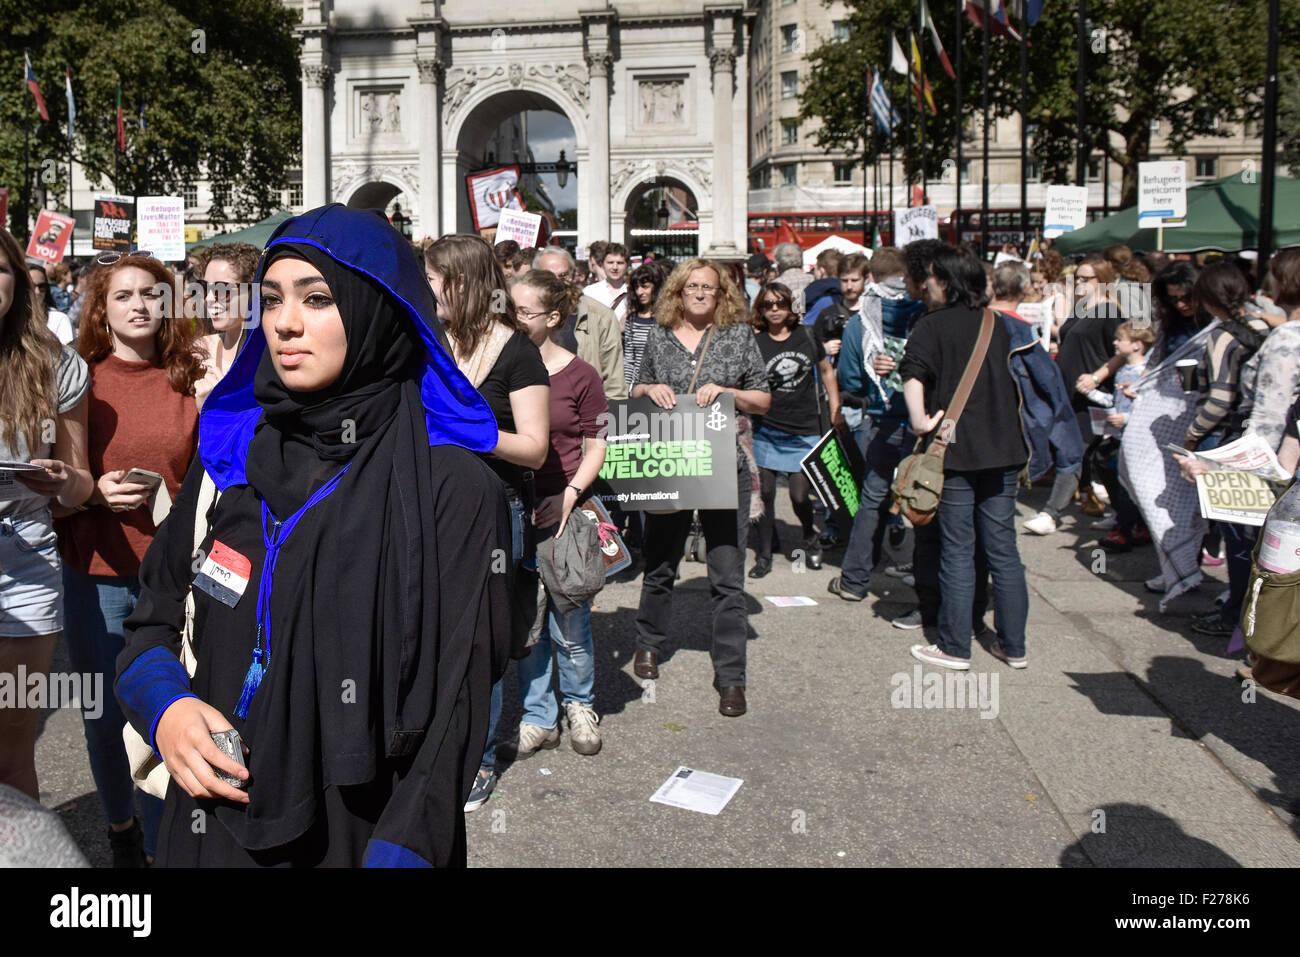 Eine Demonstration zur Unterstützung von Flüchtlingen und Migranten. Stockbild